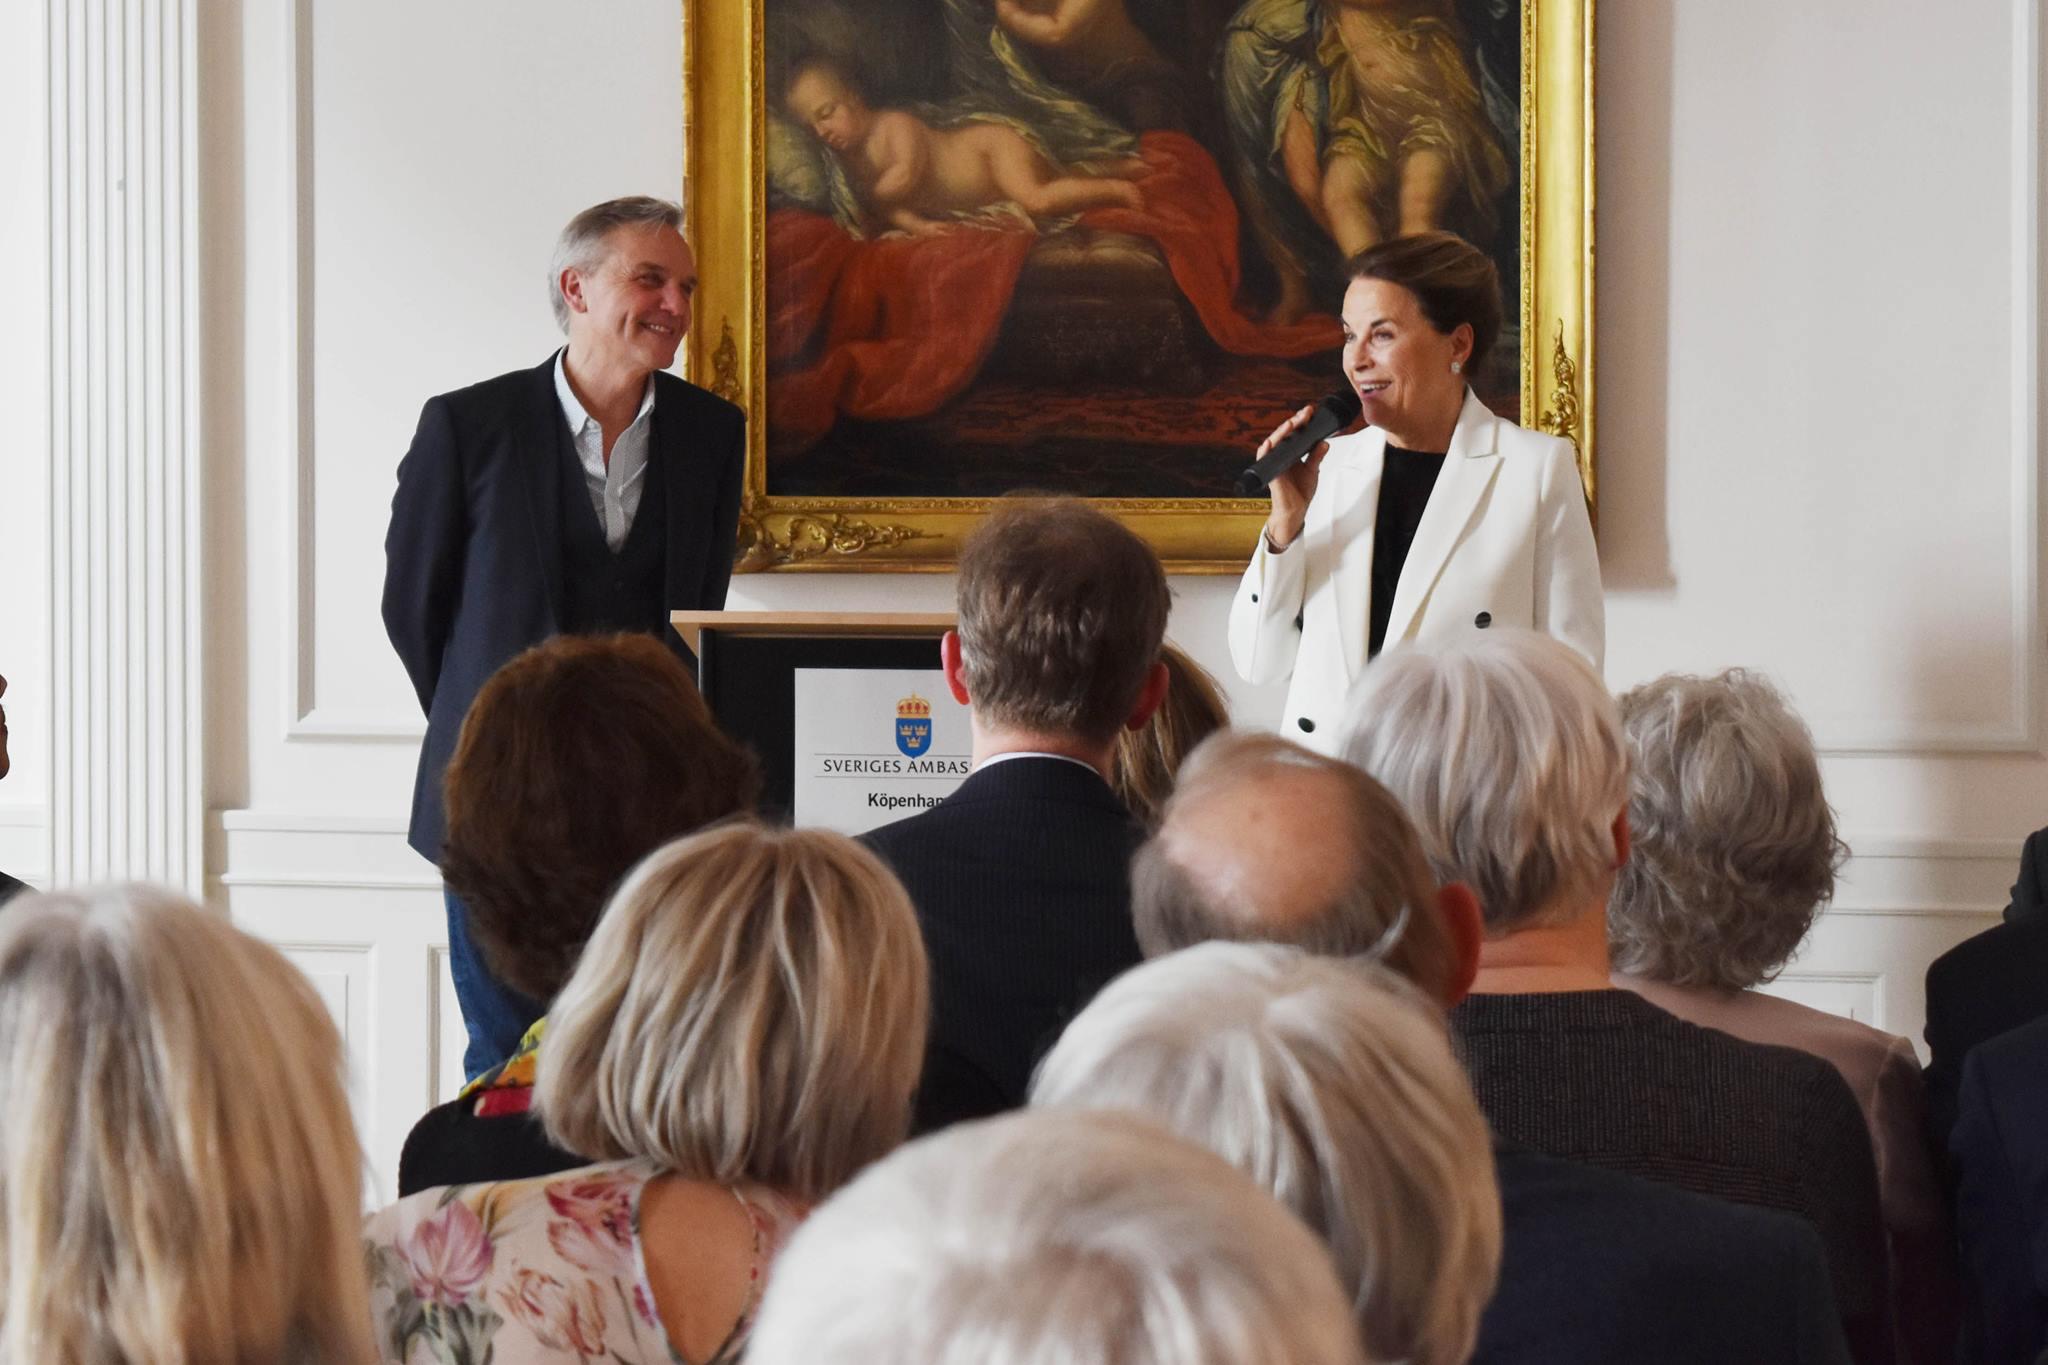 Jens Andersen modtager Dansk-Svensk Kulturfons kulturpris 2017 på Sveriges Ambassade den 11. maj 2017. Foto: Cecilia Leveaux